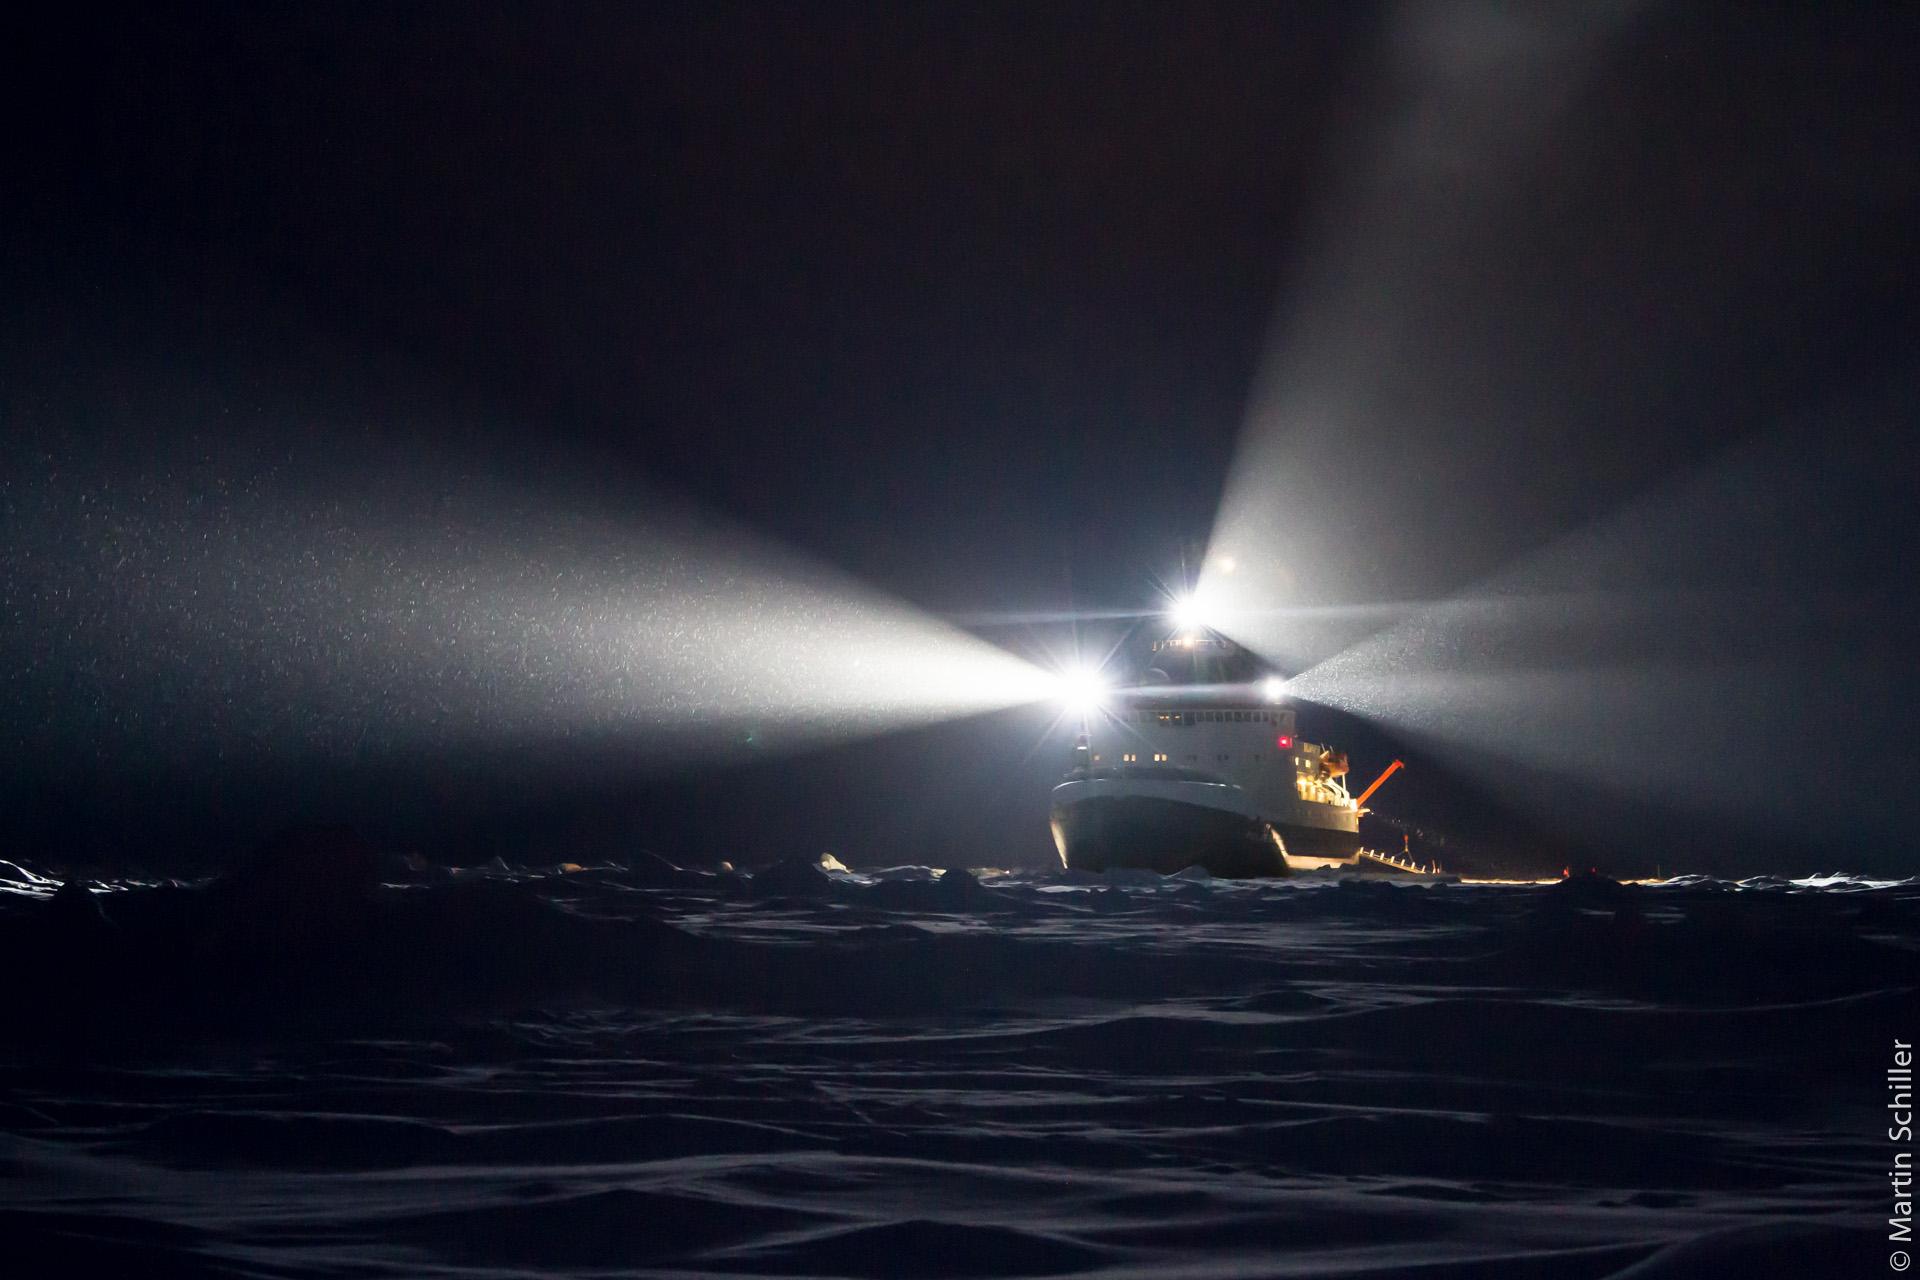 Das Geheimnis der Taschenlampe